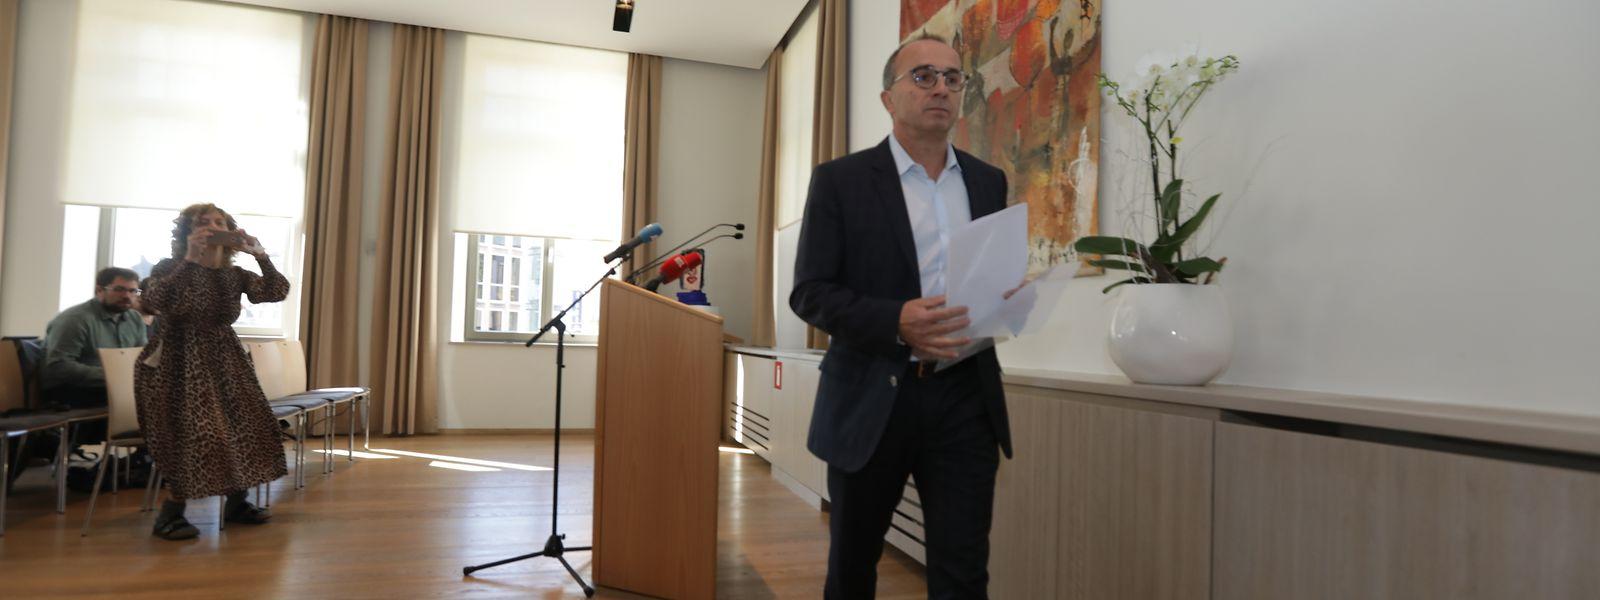 Roberto Traversini räumt seinen Stuhl als Bürgermeister von Differdingen.